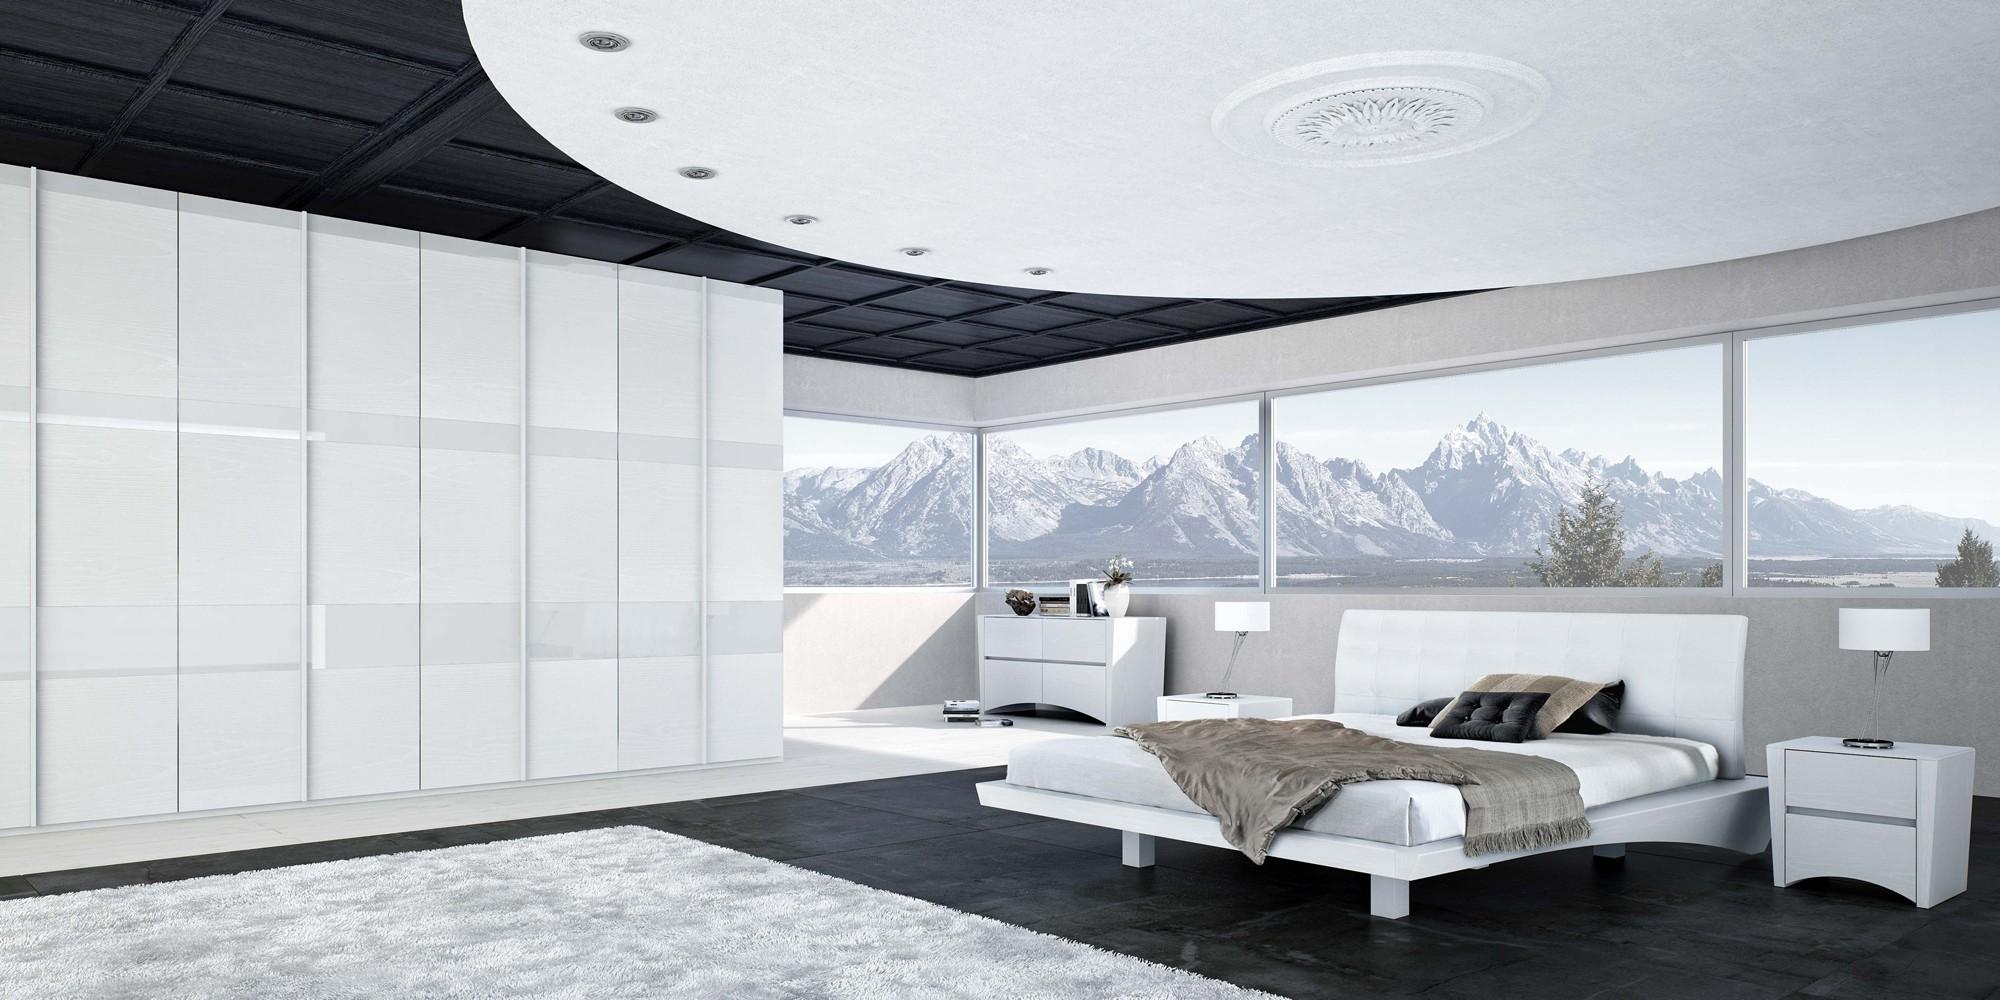 Habitación con grandes ventanas